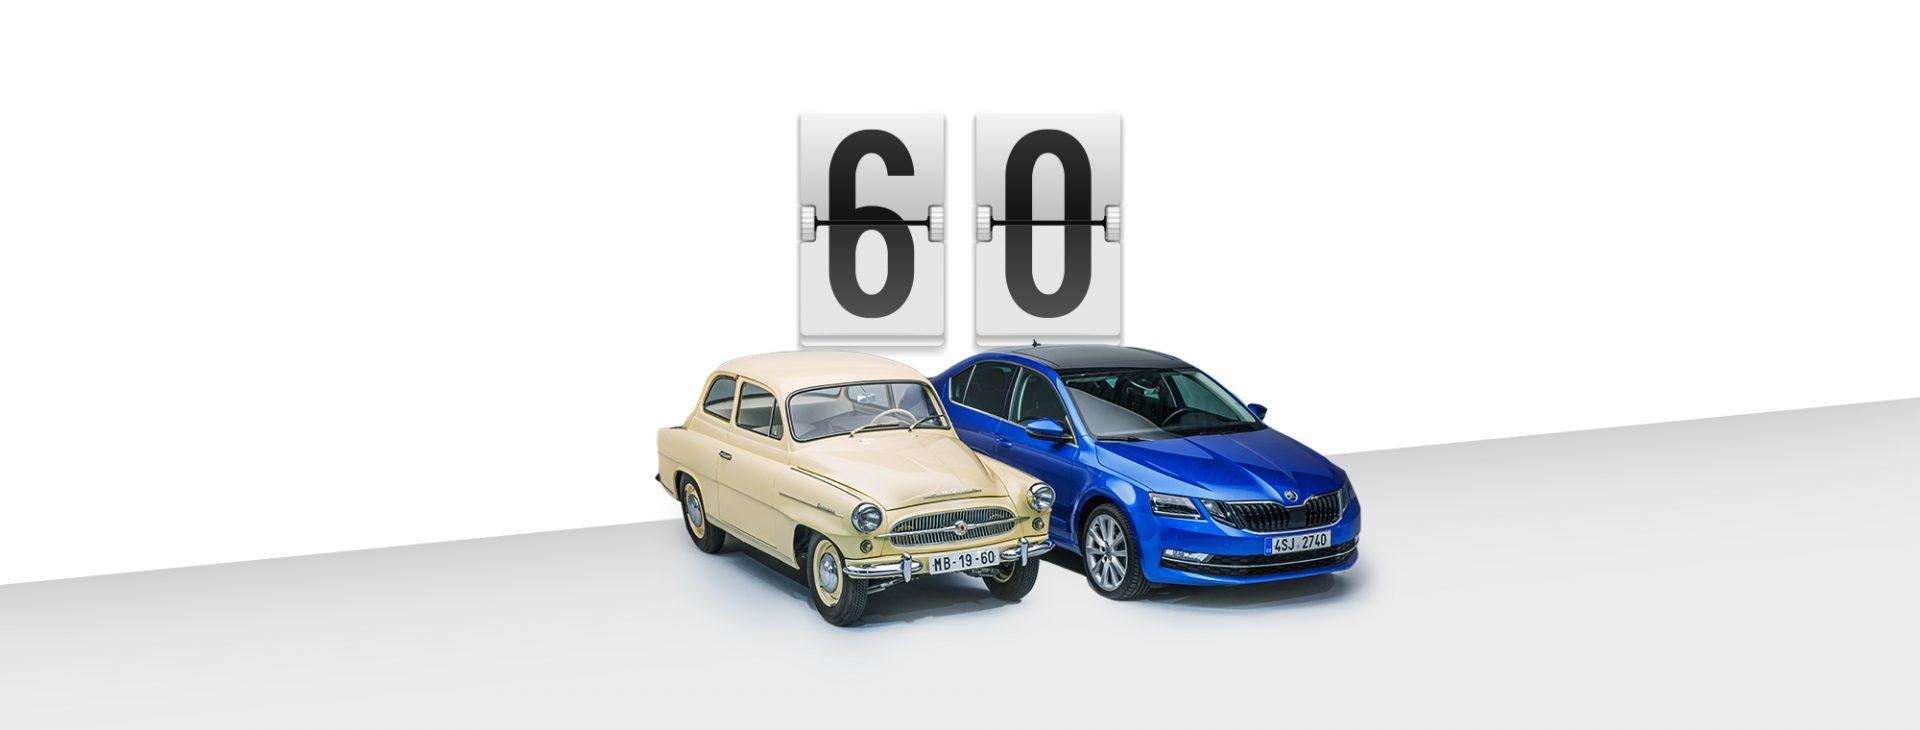 header-60-V4-1920x730